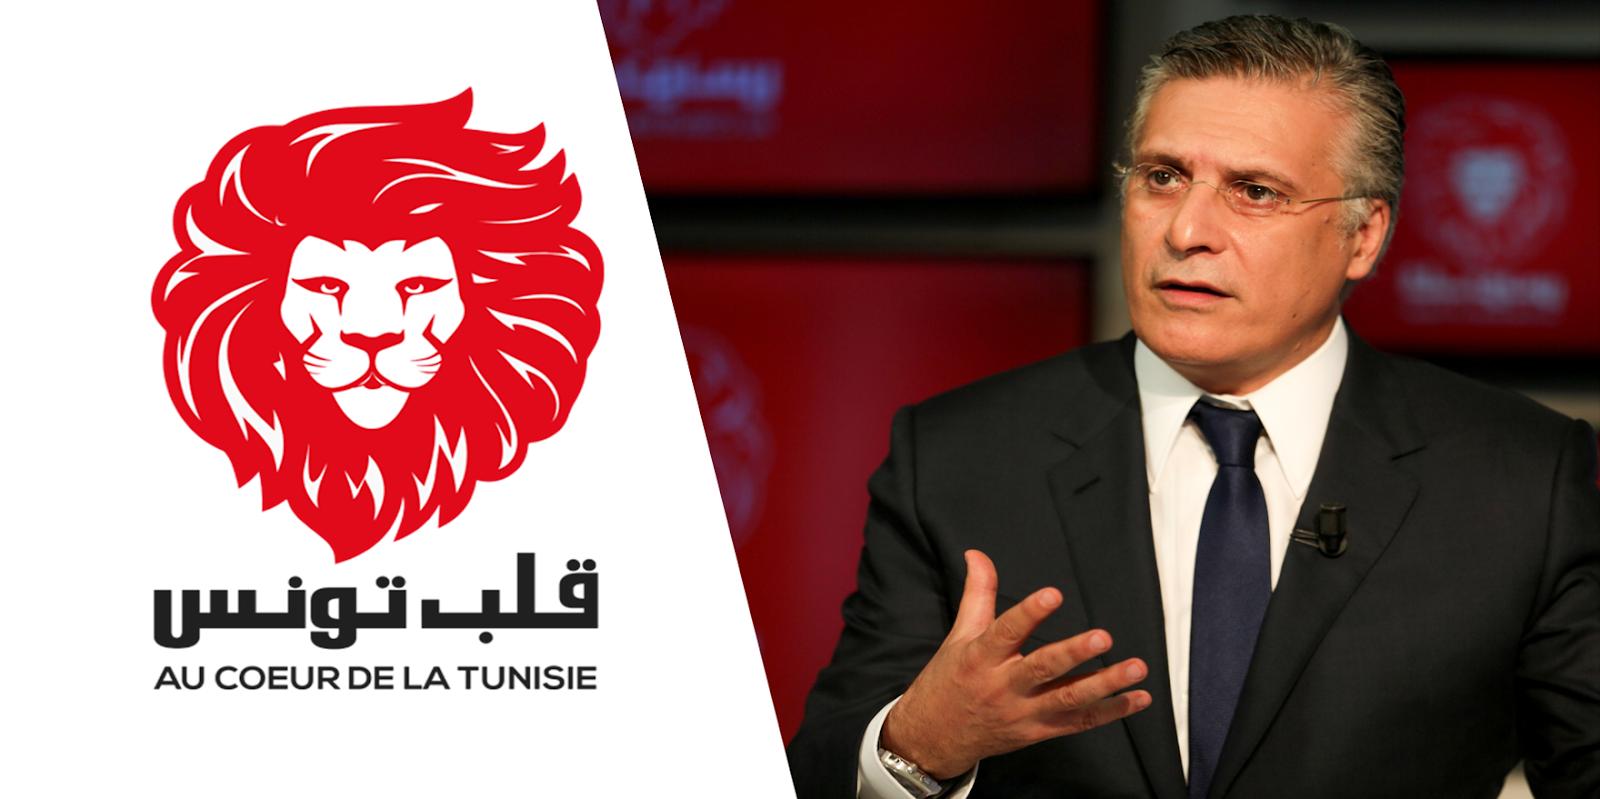 Tunisie- Habib Jemli reçoit une délégation de 9alb Tounes